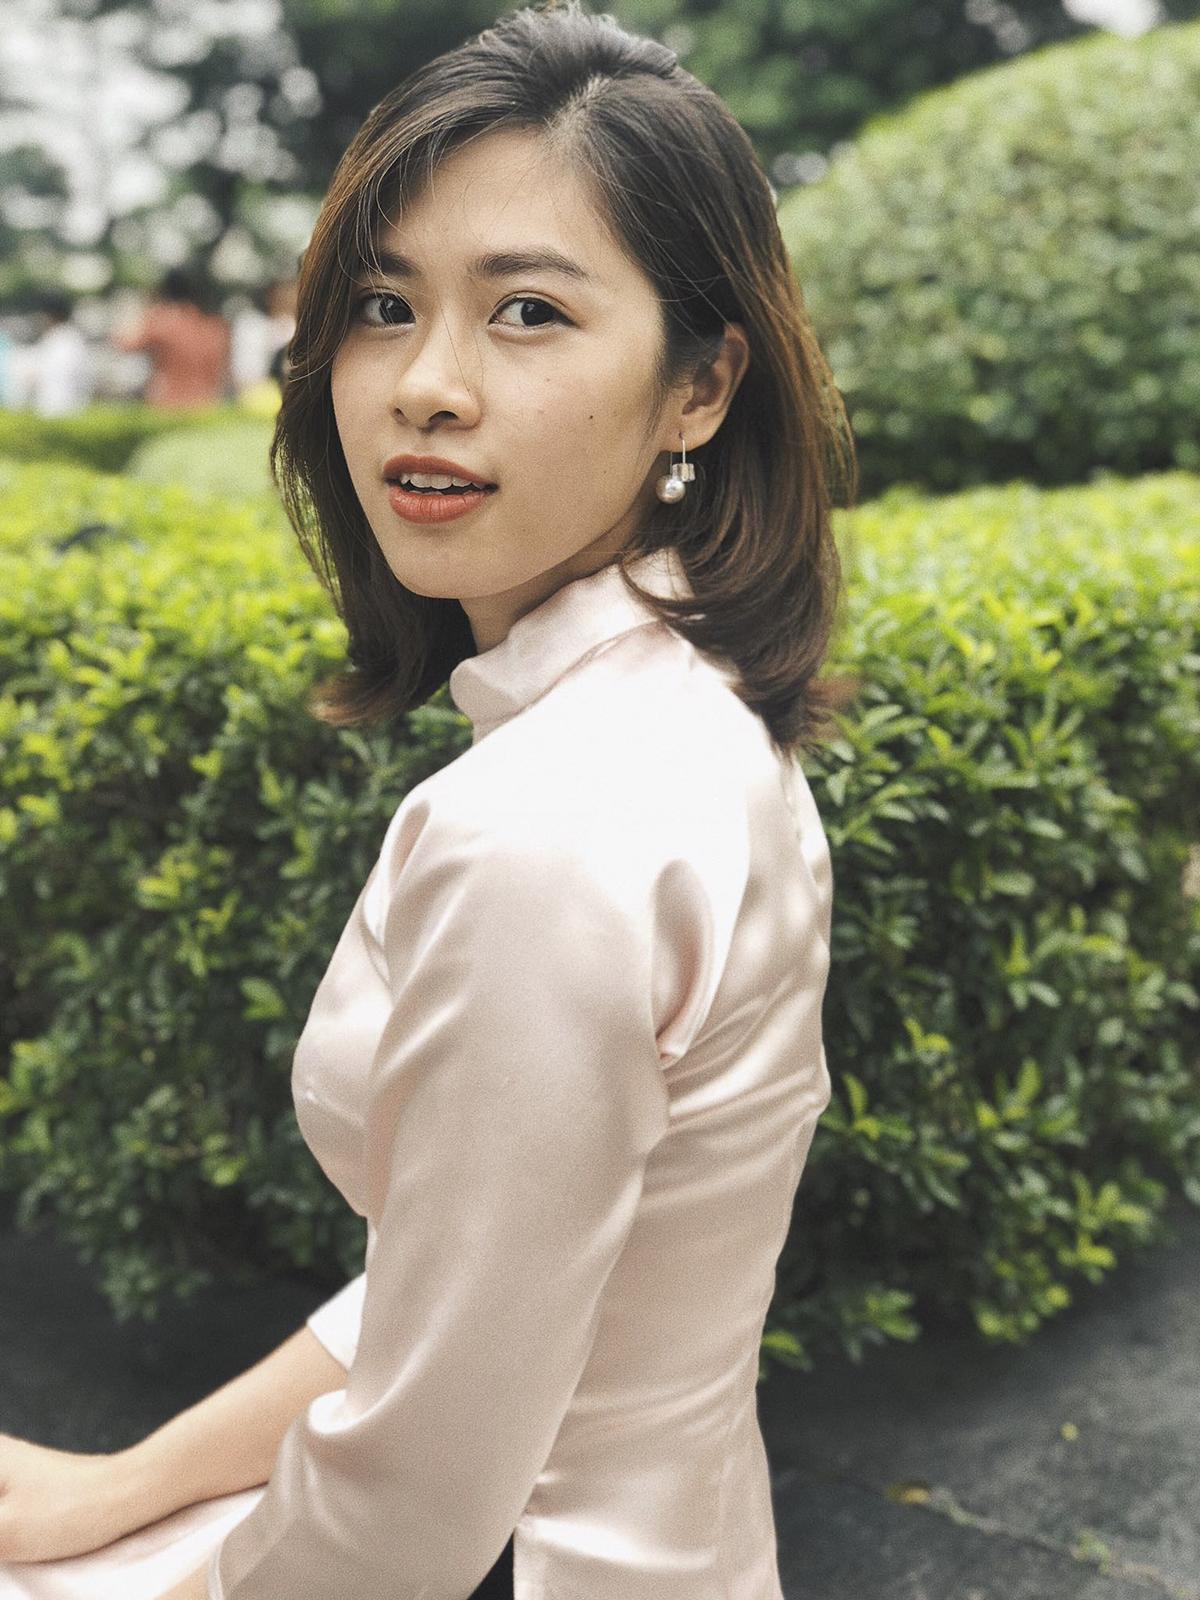 Bờ môi hững hờ trên gương mặt đầy biểu cảm, Nguyễn Hải Oanh (WD.REC) đang nhận được nhiều sự chú ý trong vòng bình chọn online với số lượt like ngày càng tăng. Oanh tiết lộ ảnh được chụp bằng điện thoại di động chứ không phải máy chuyên nghiệp.